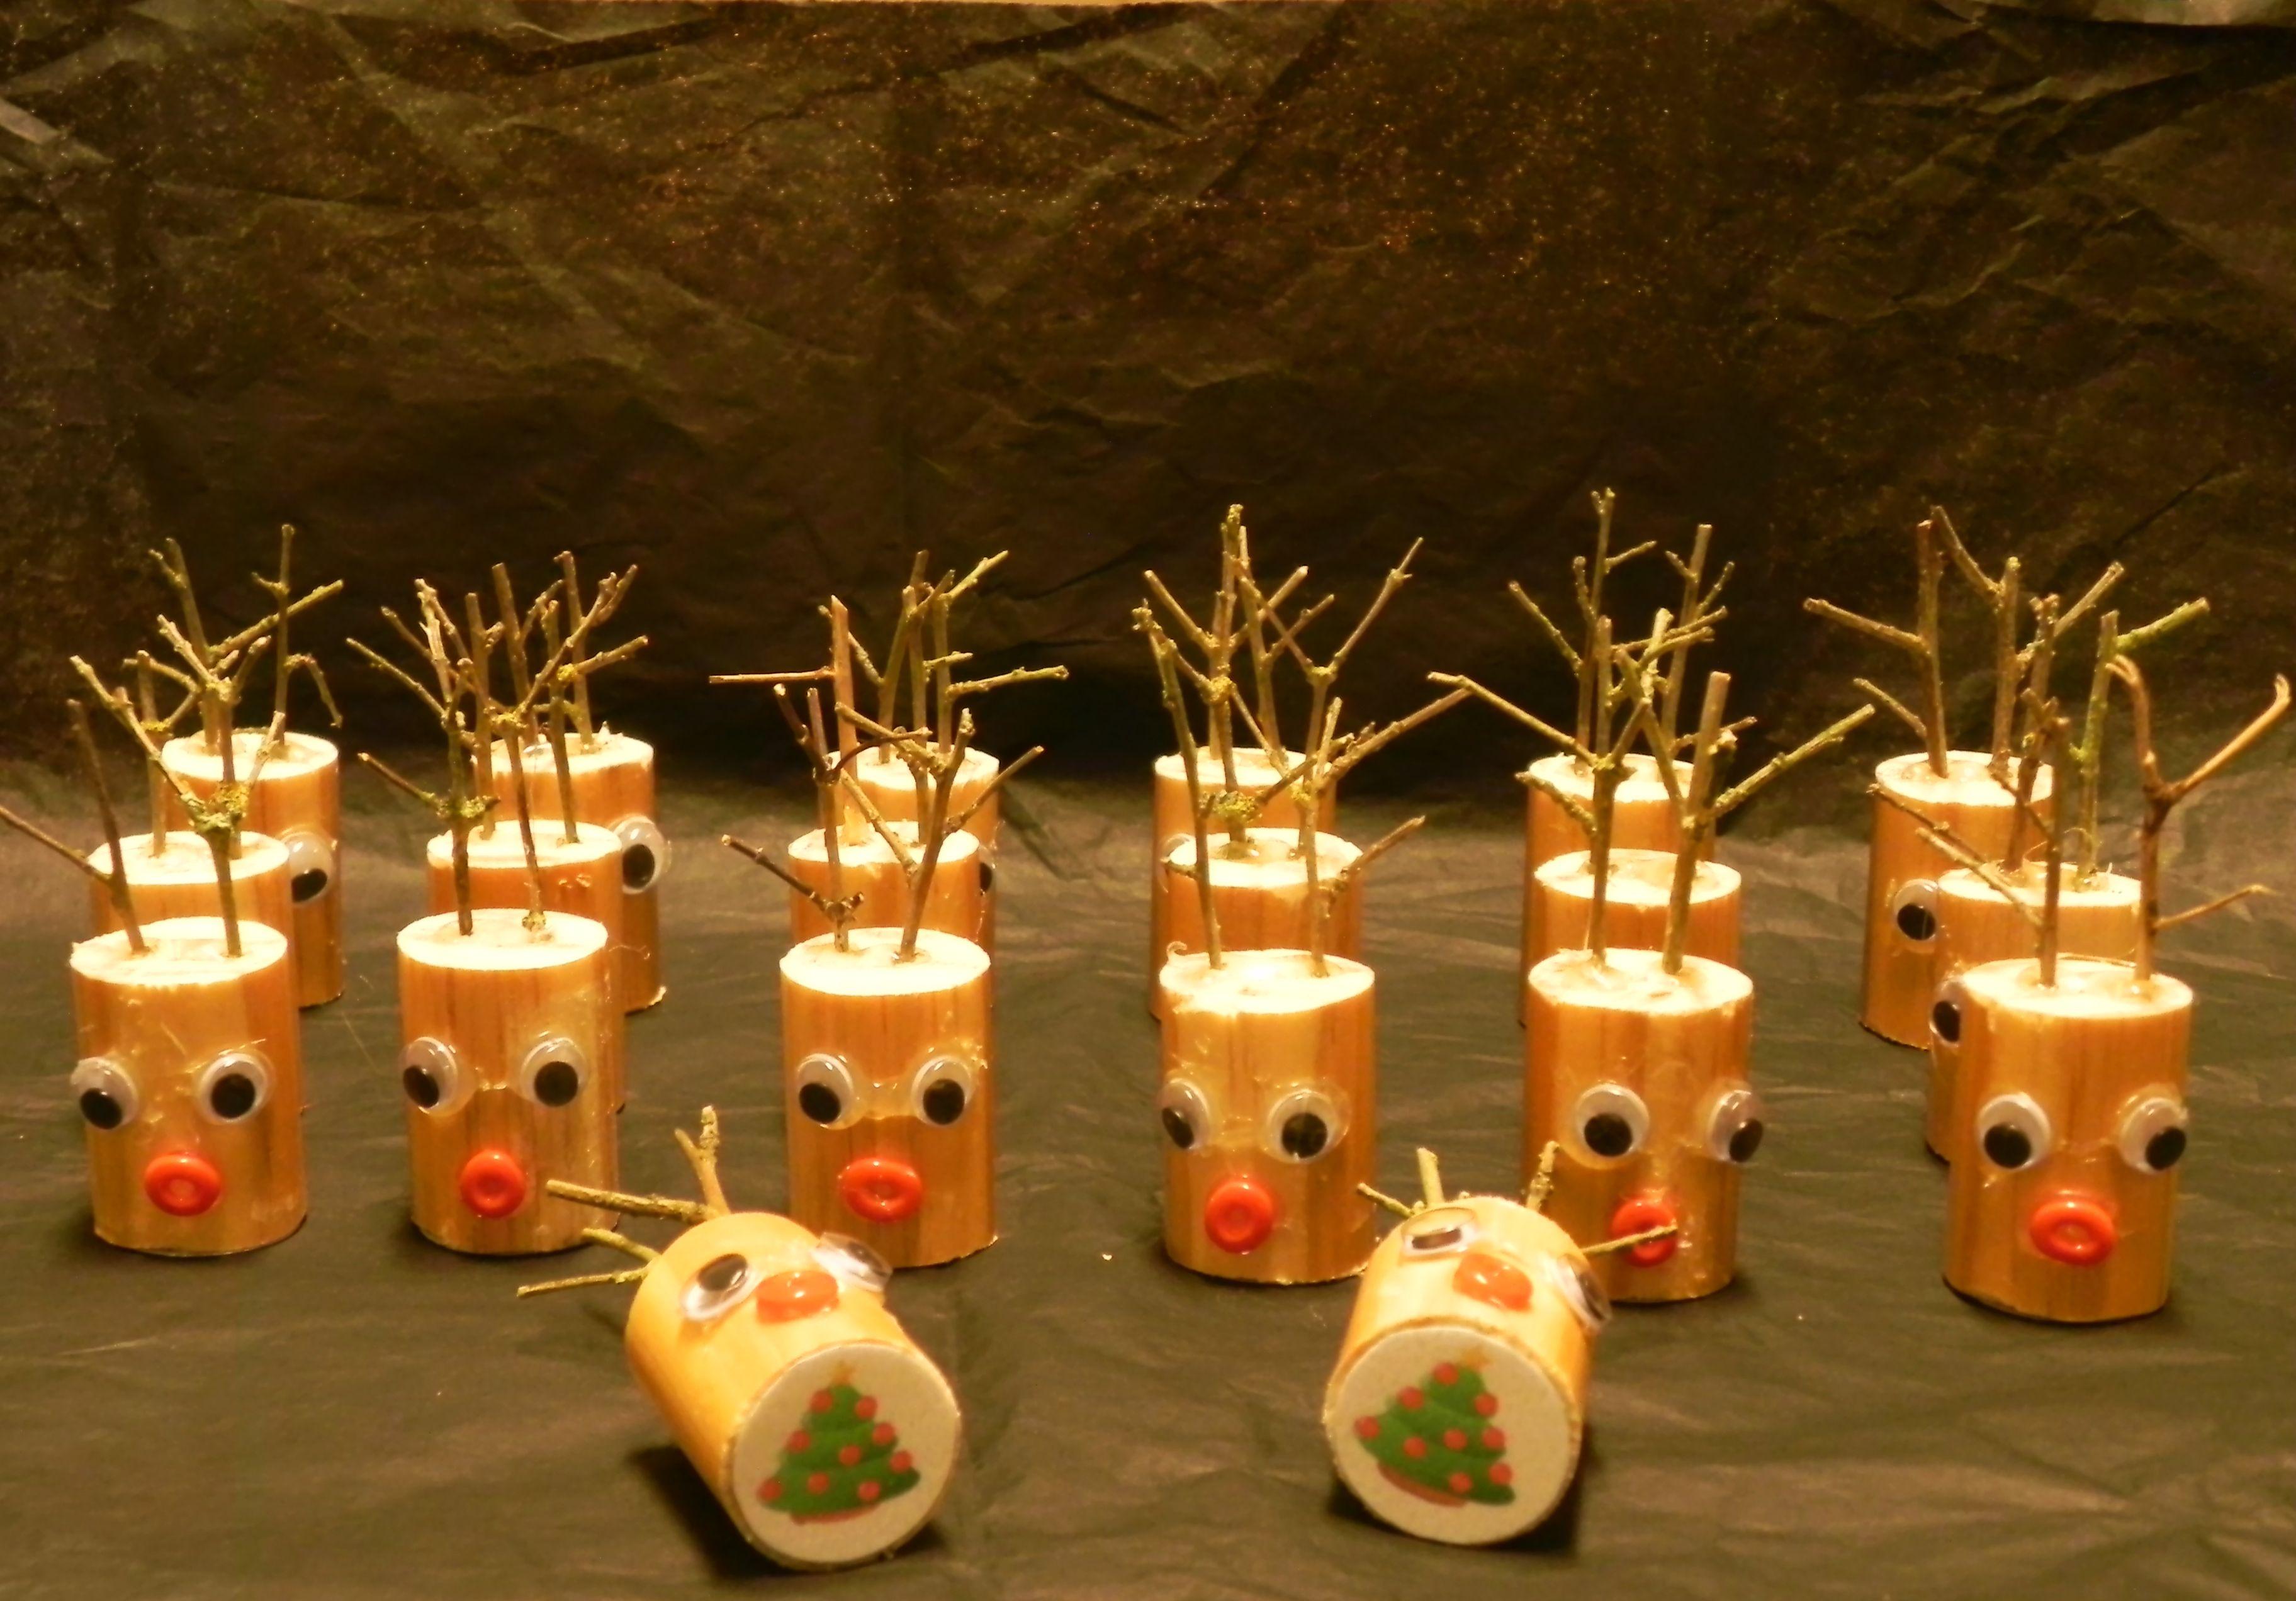 Rendierenmemory - cadeautje voor onder de kerstboom in mijn zoontjes klas...